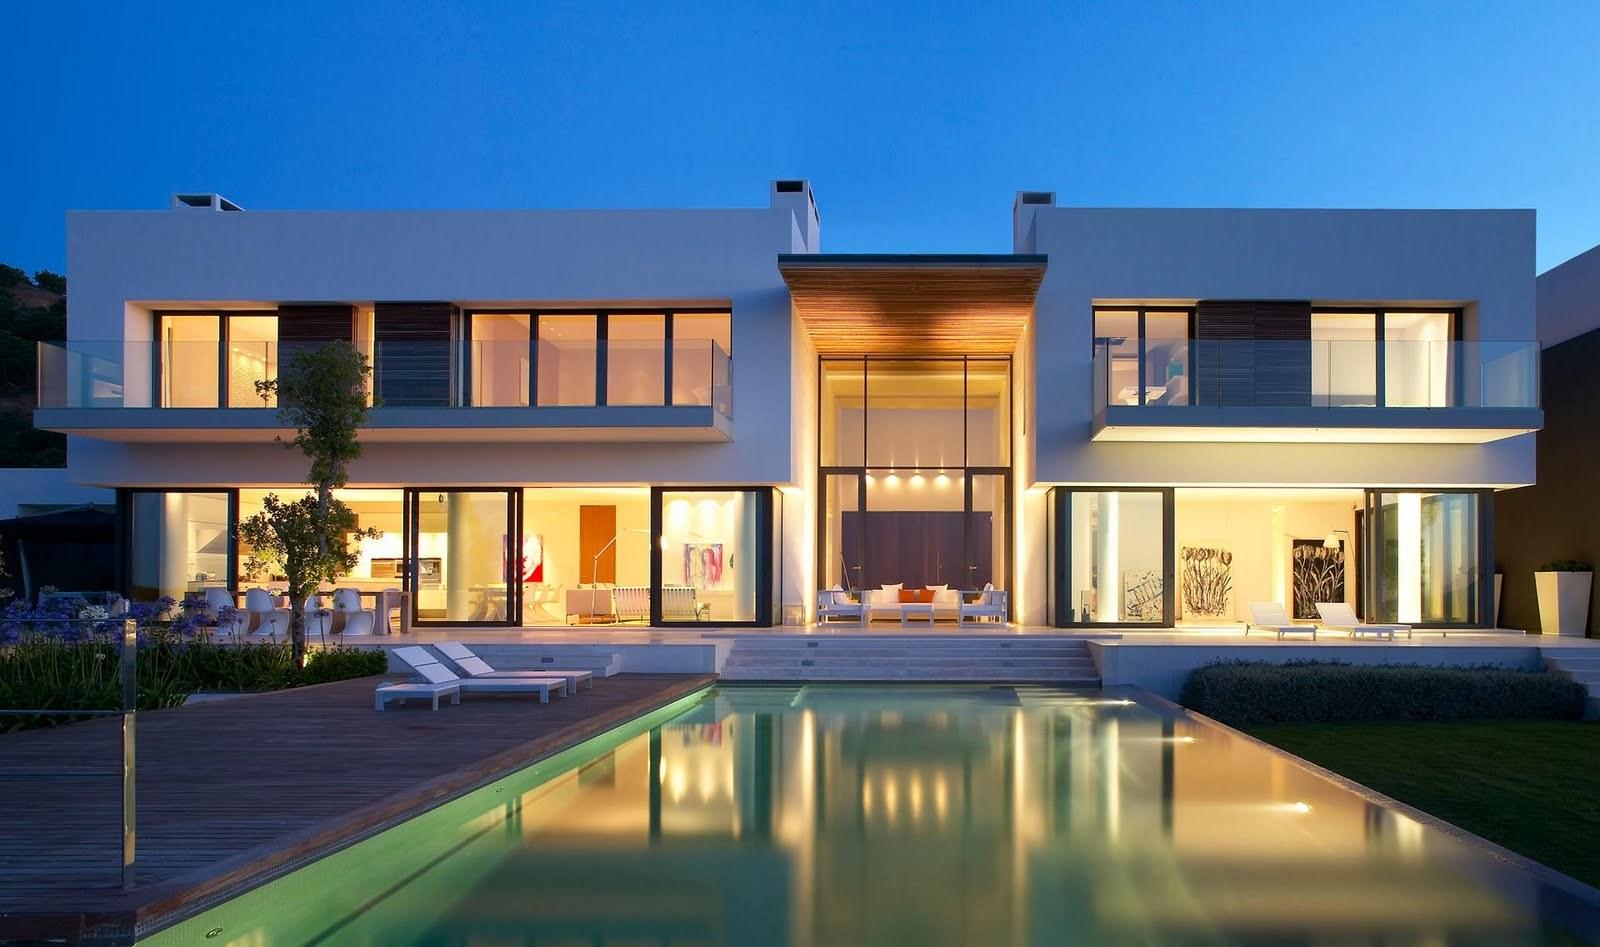 Innenhof Spanischer Häuser mit Pool